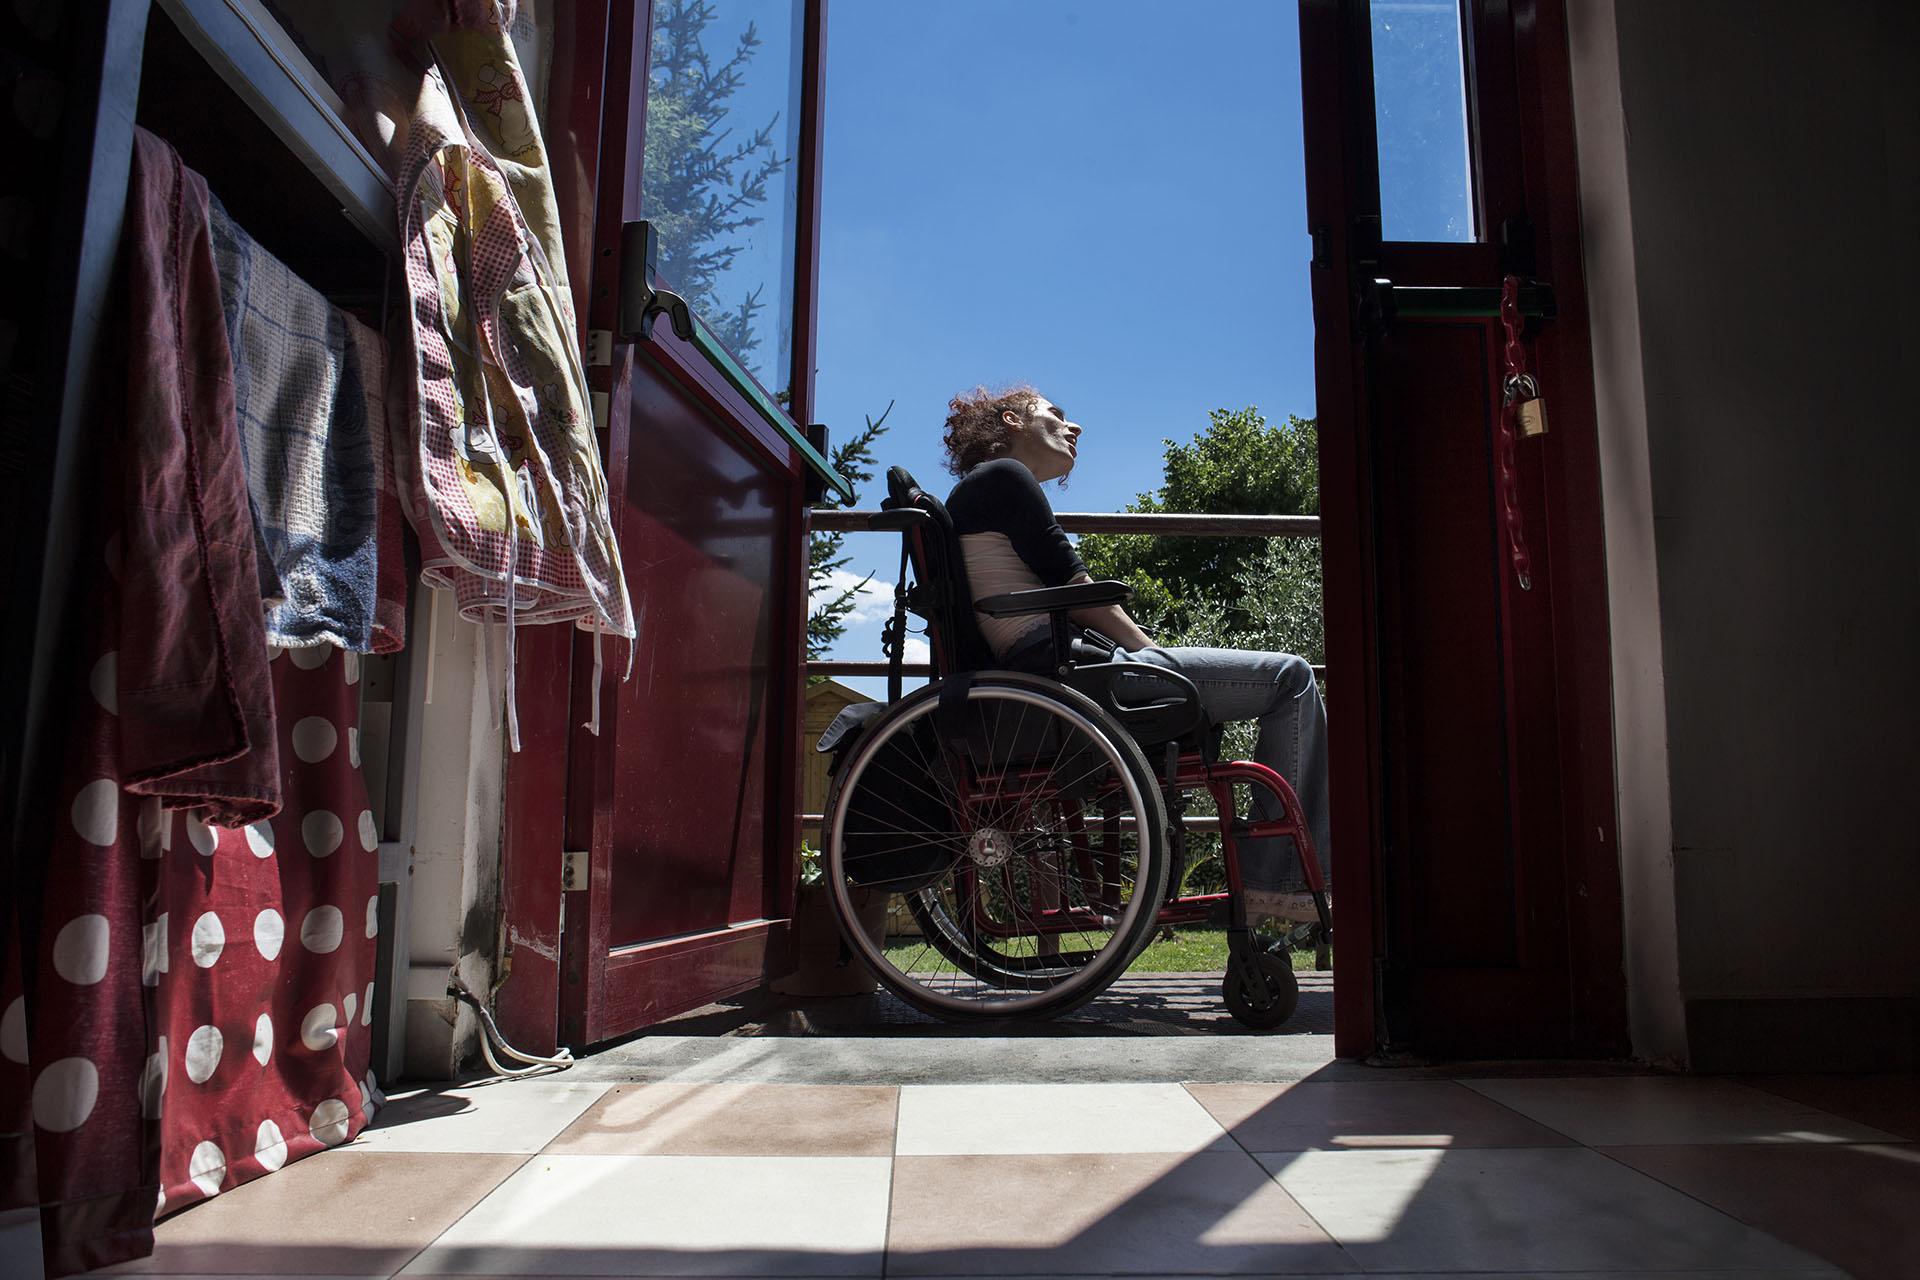 Letizia-Story-of-unseen-lives_ph_Danilo Garcia Di Meo_12